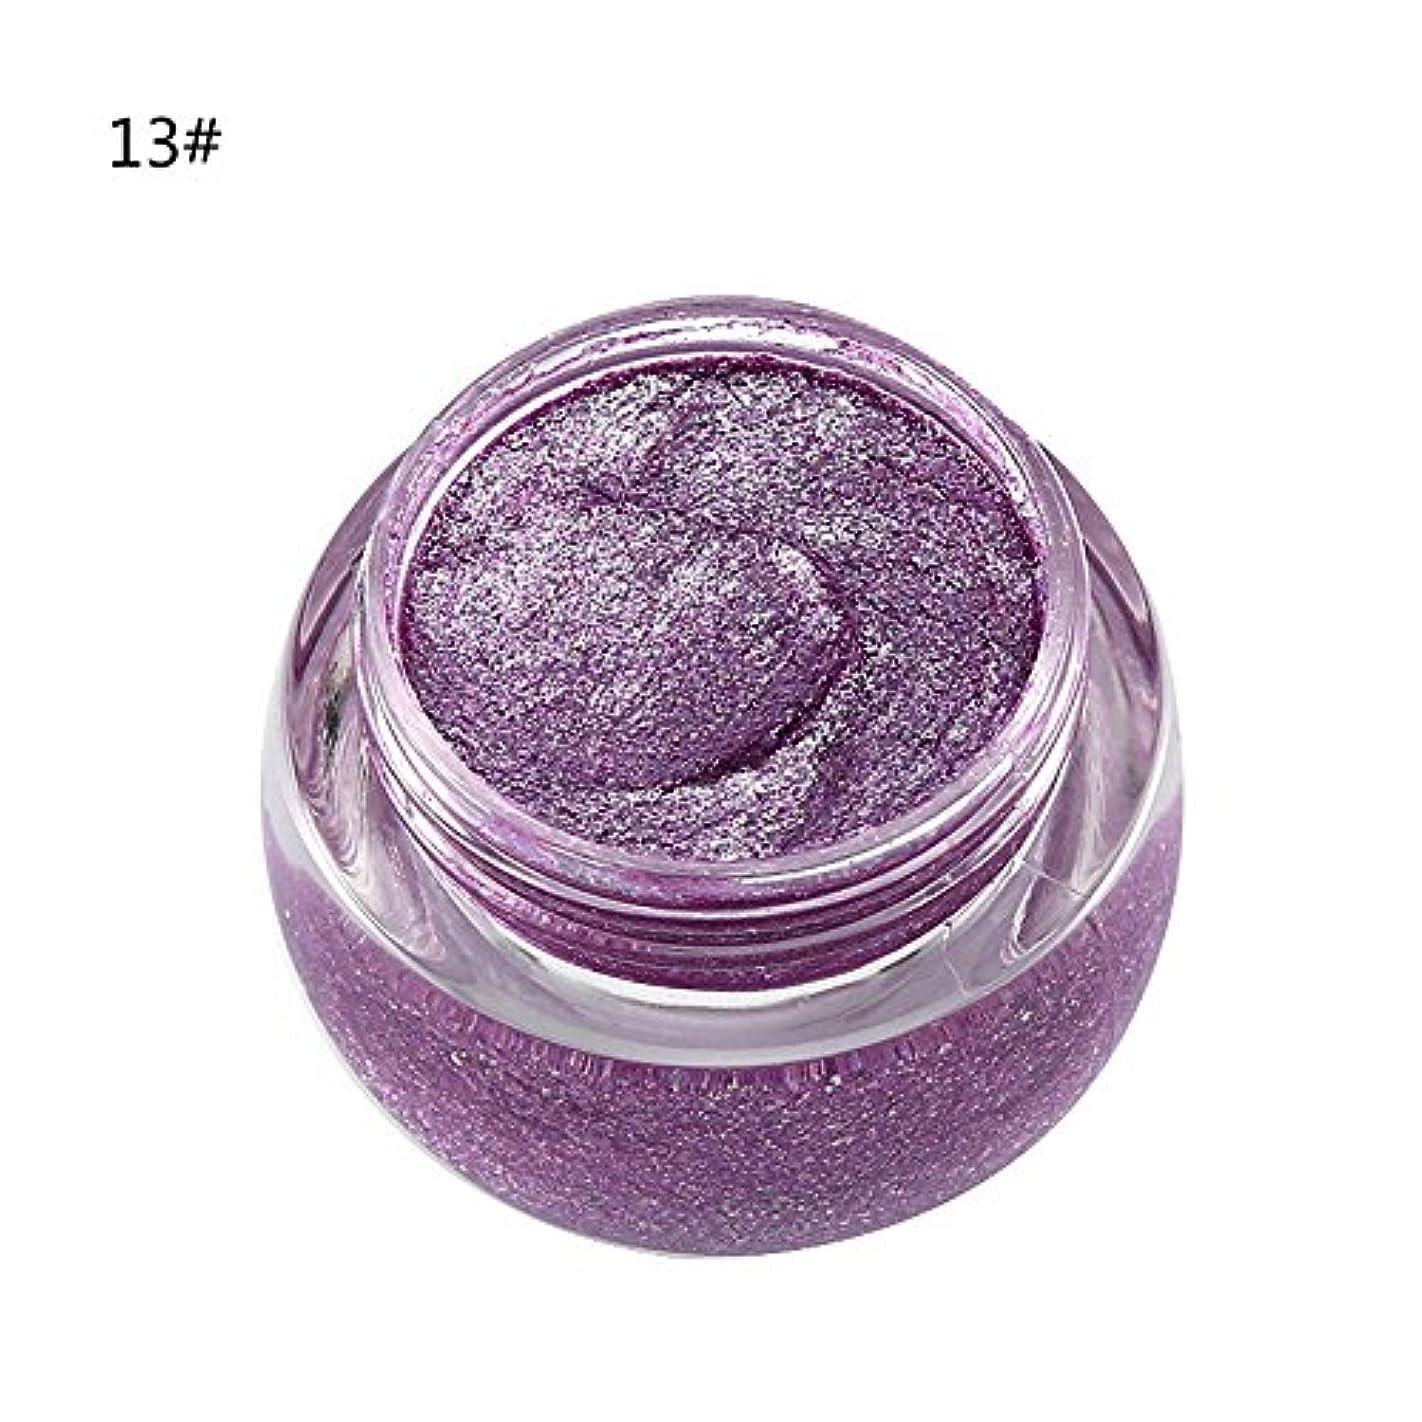 酸タイマーブロンズアイシャドウ 単色 化粧品 光沢 保湿 キラキラ 美しい タイプ 13